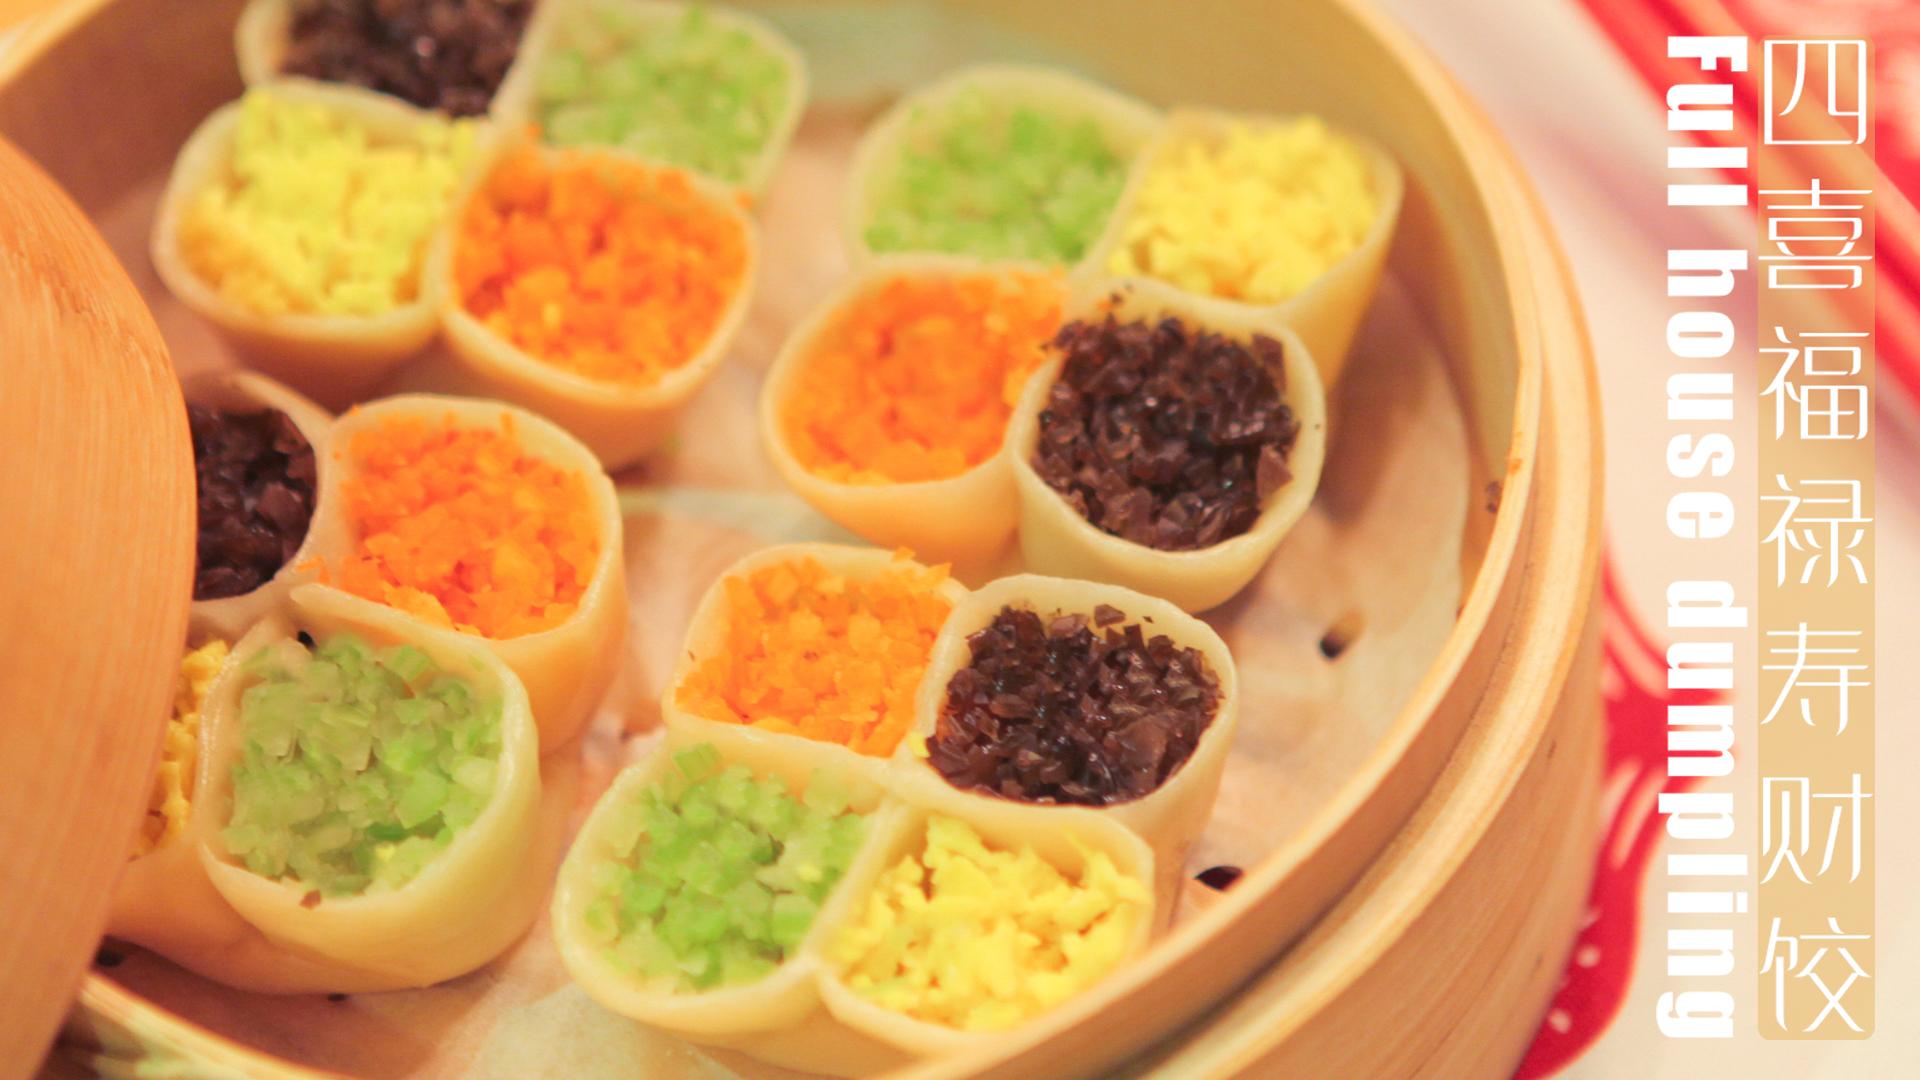 四喜福禄寿财饺「厨娘物语」